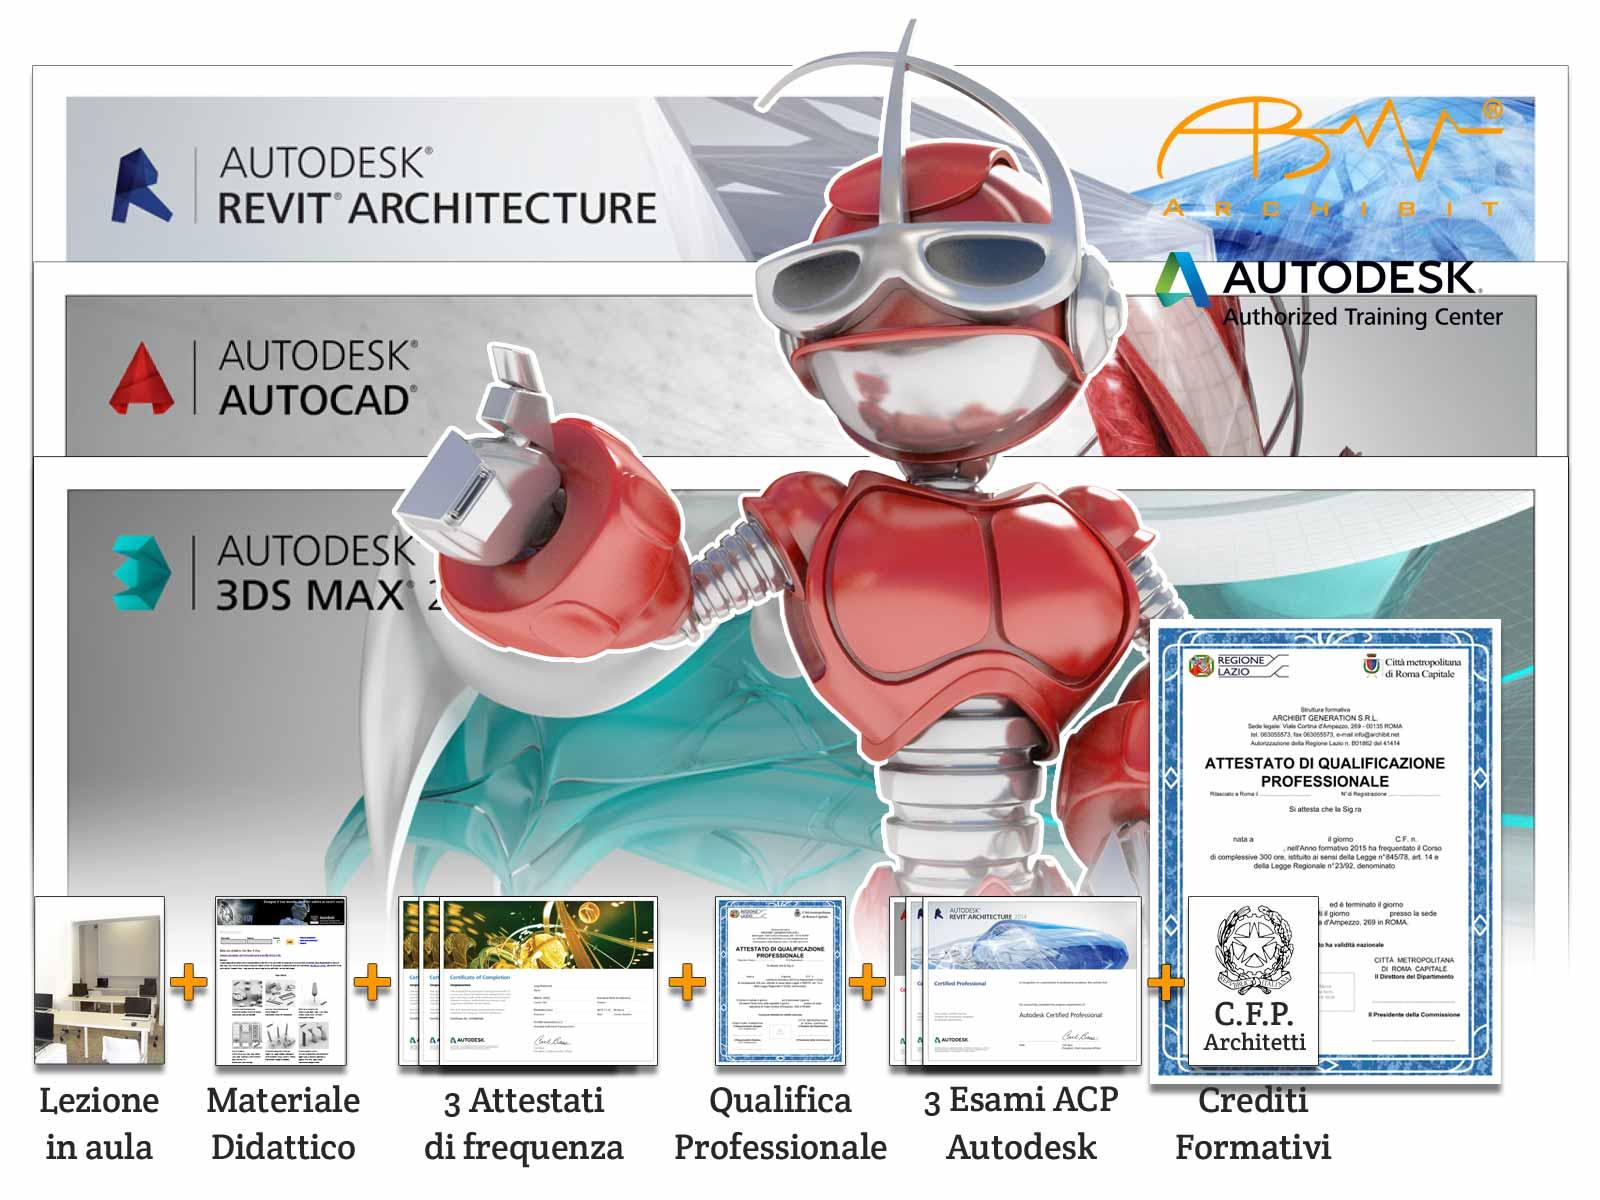 corso disegnatore cad qualifica professionale grafico multimediale architettonico regione lazio certificazioni adobe autodesk professional cad revit photoshop archibit corsi roma